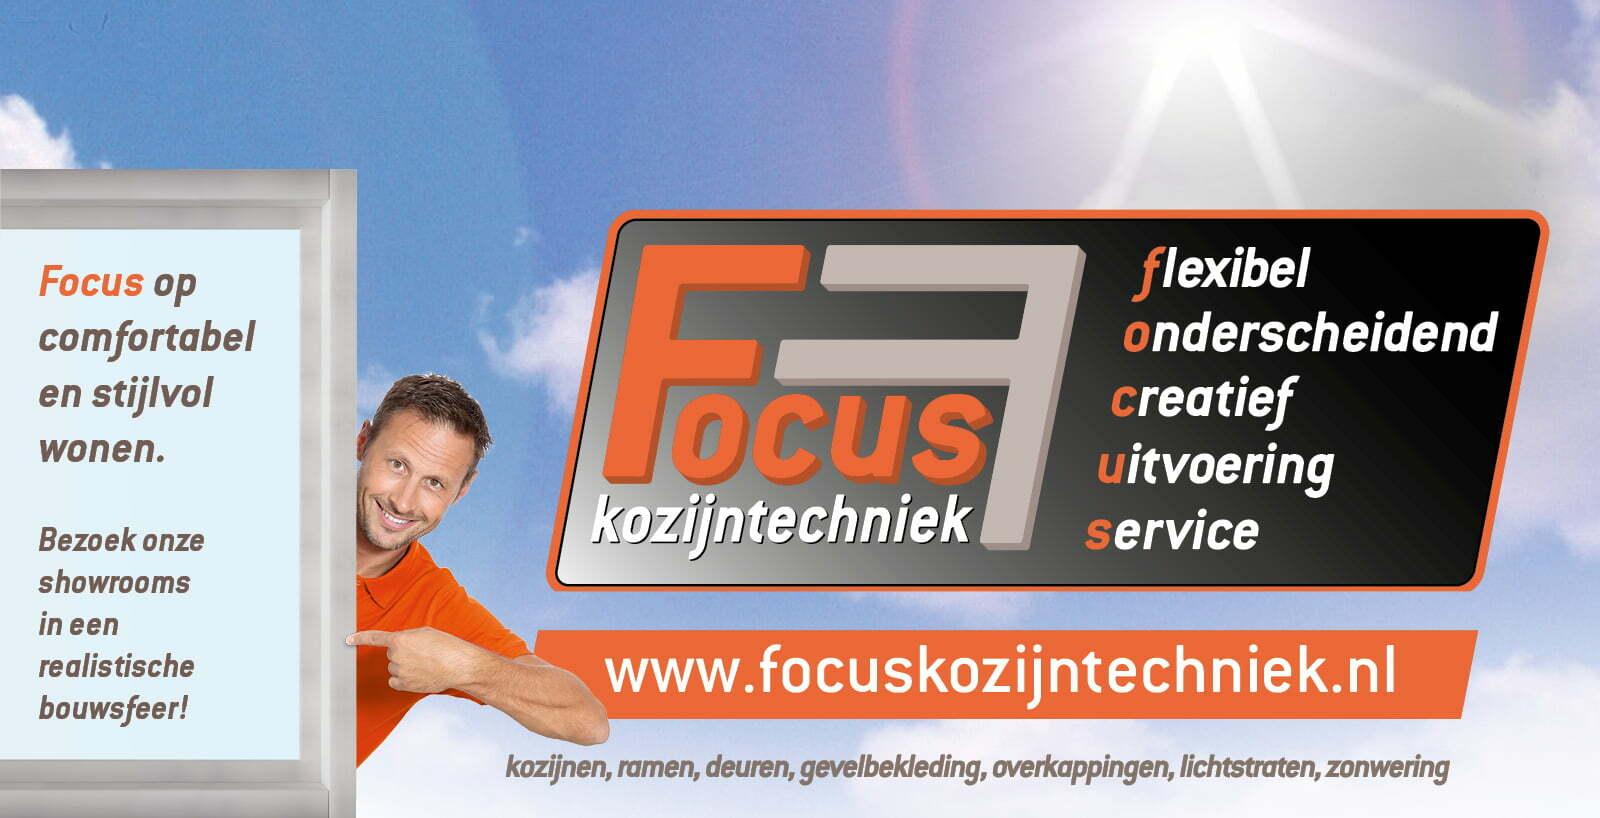 Focus kozijntechniek